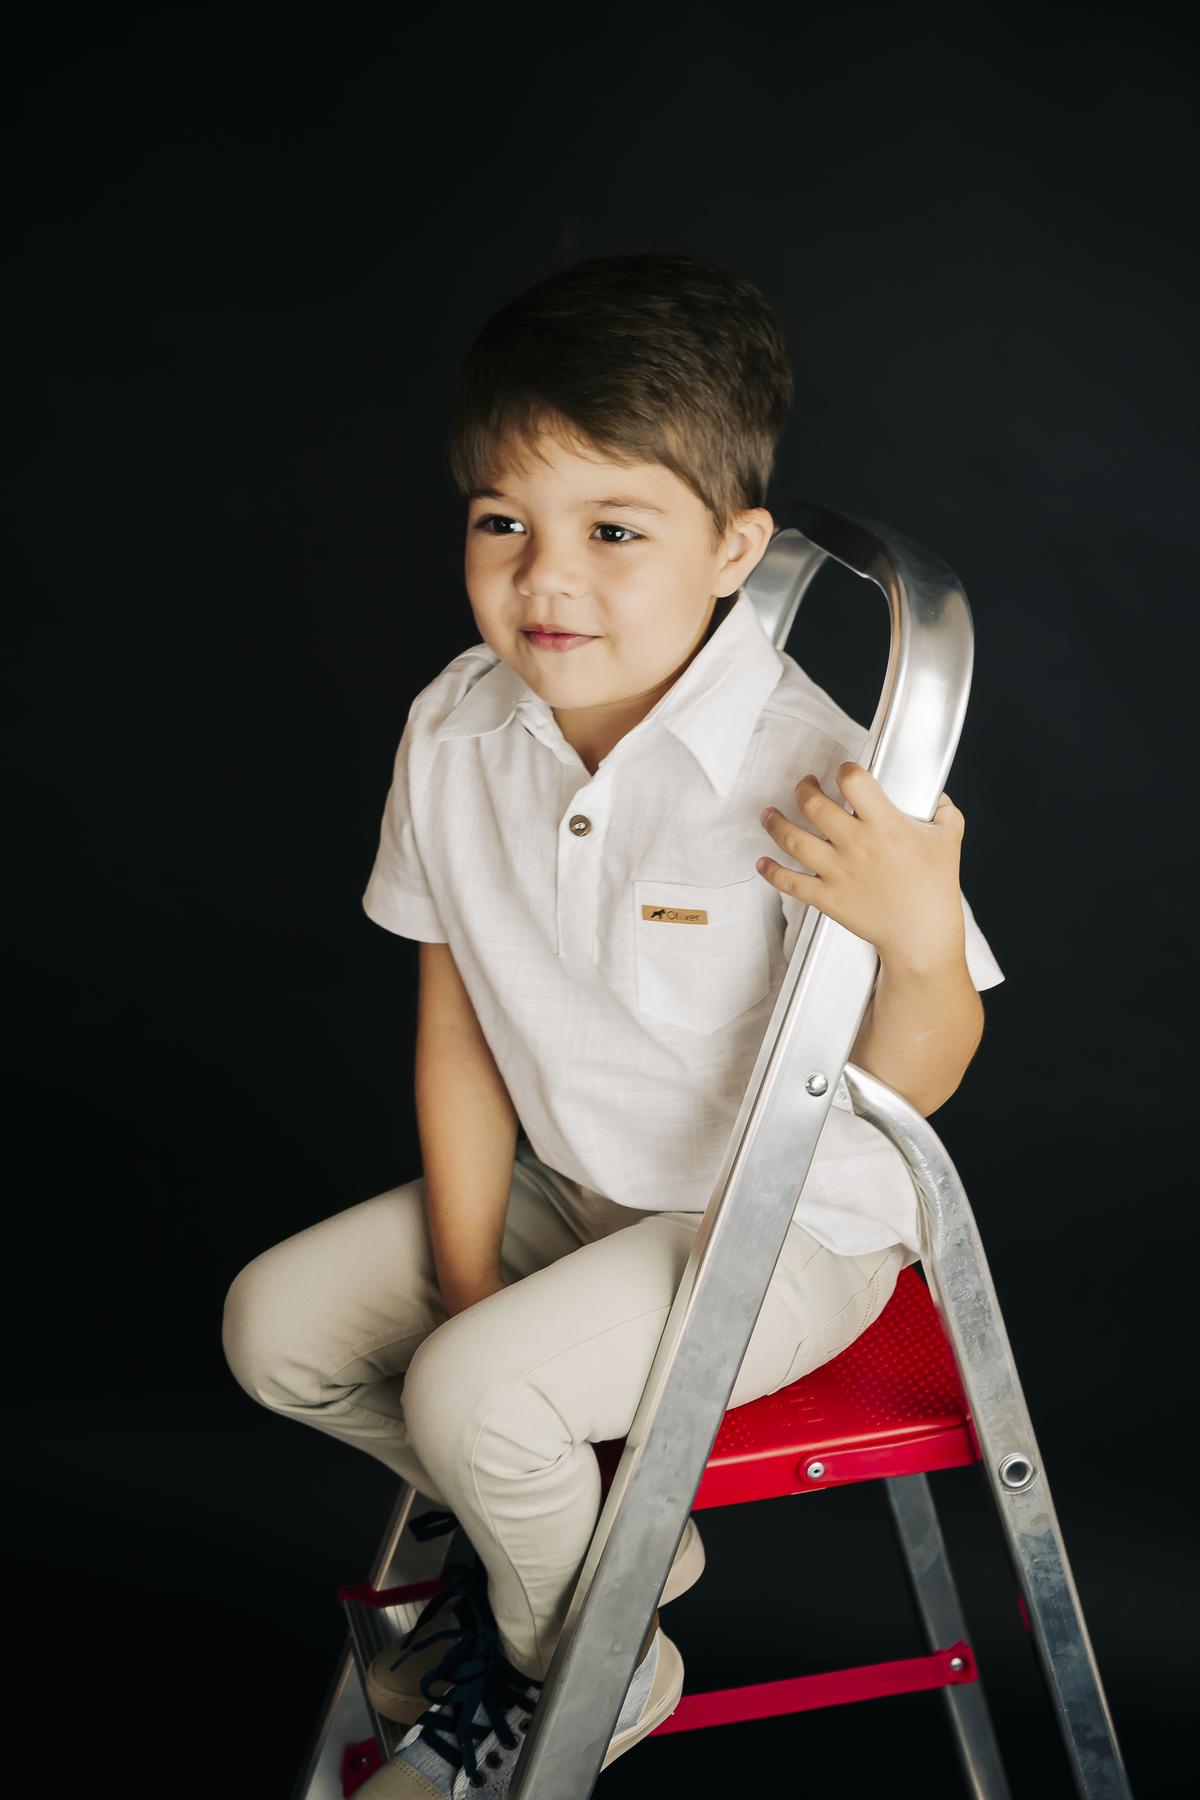 Fotografia infantil, criança em estúdio, editorial